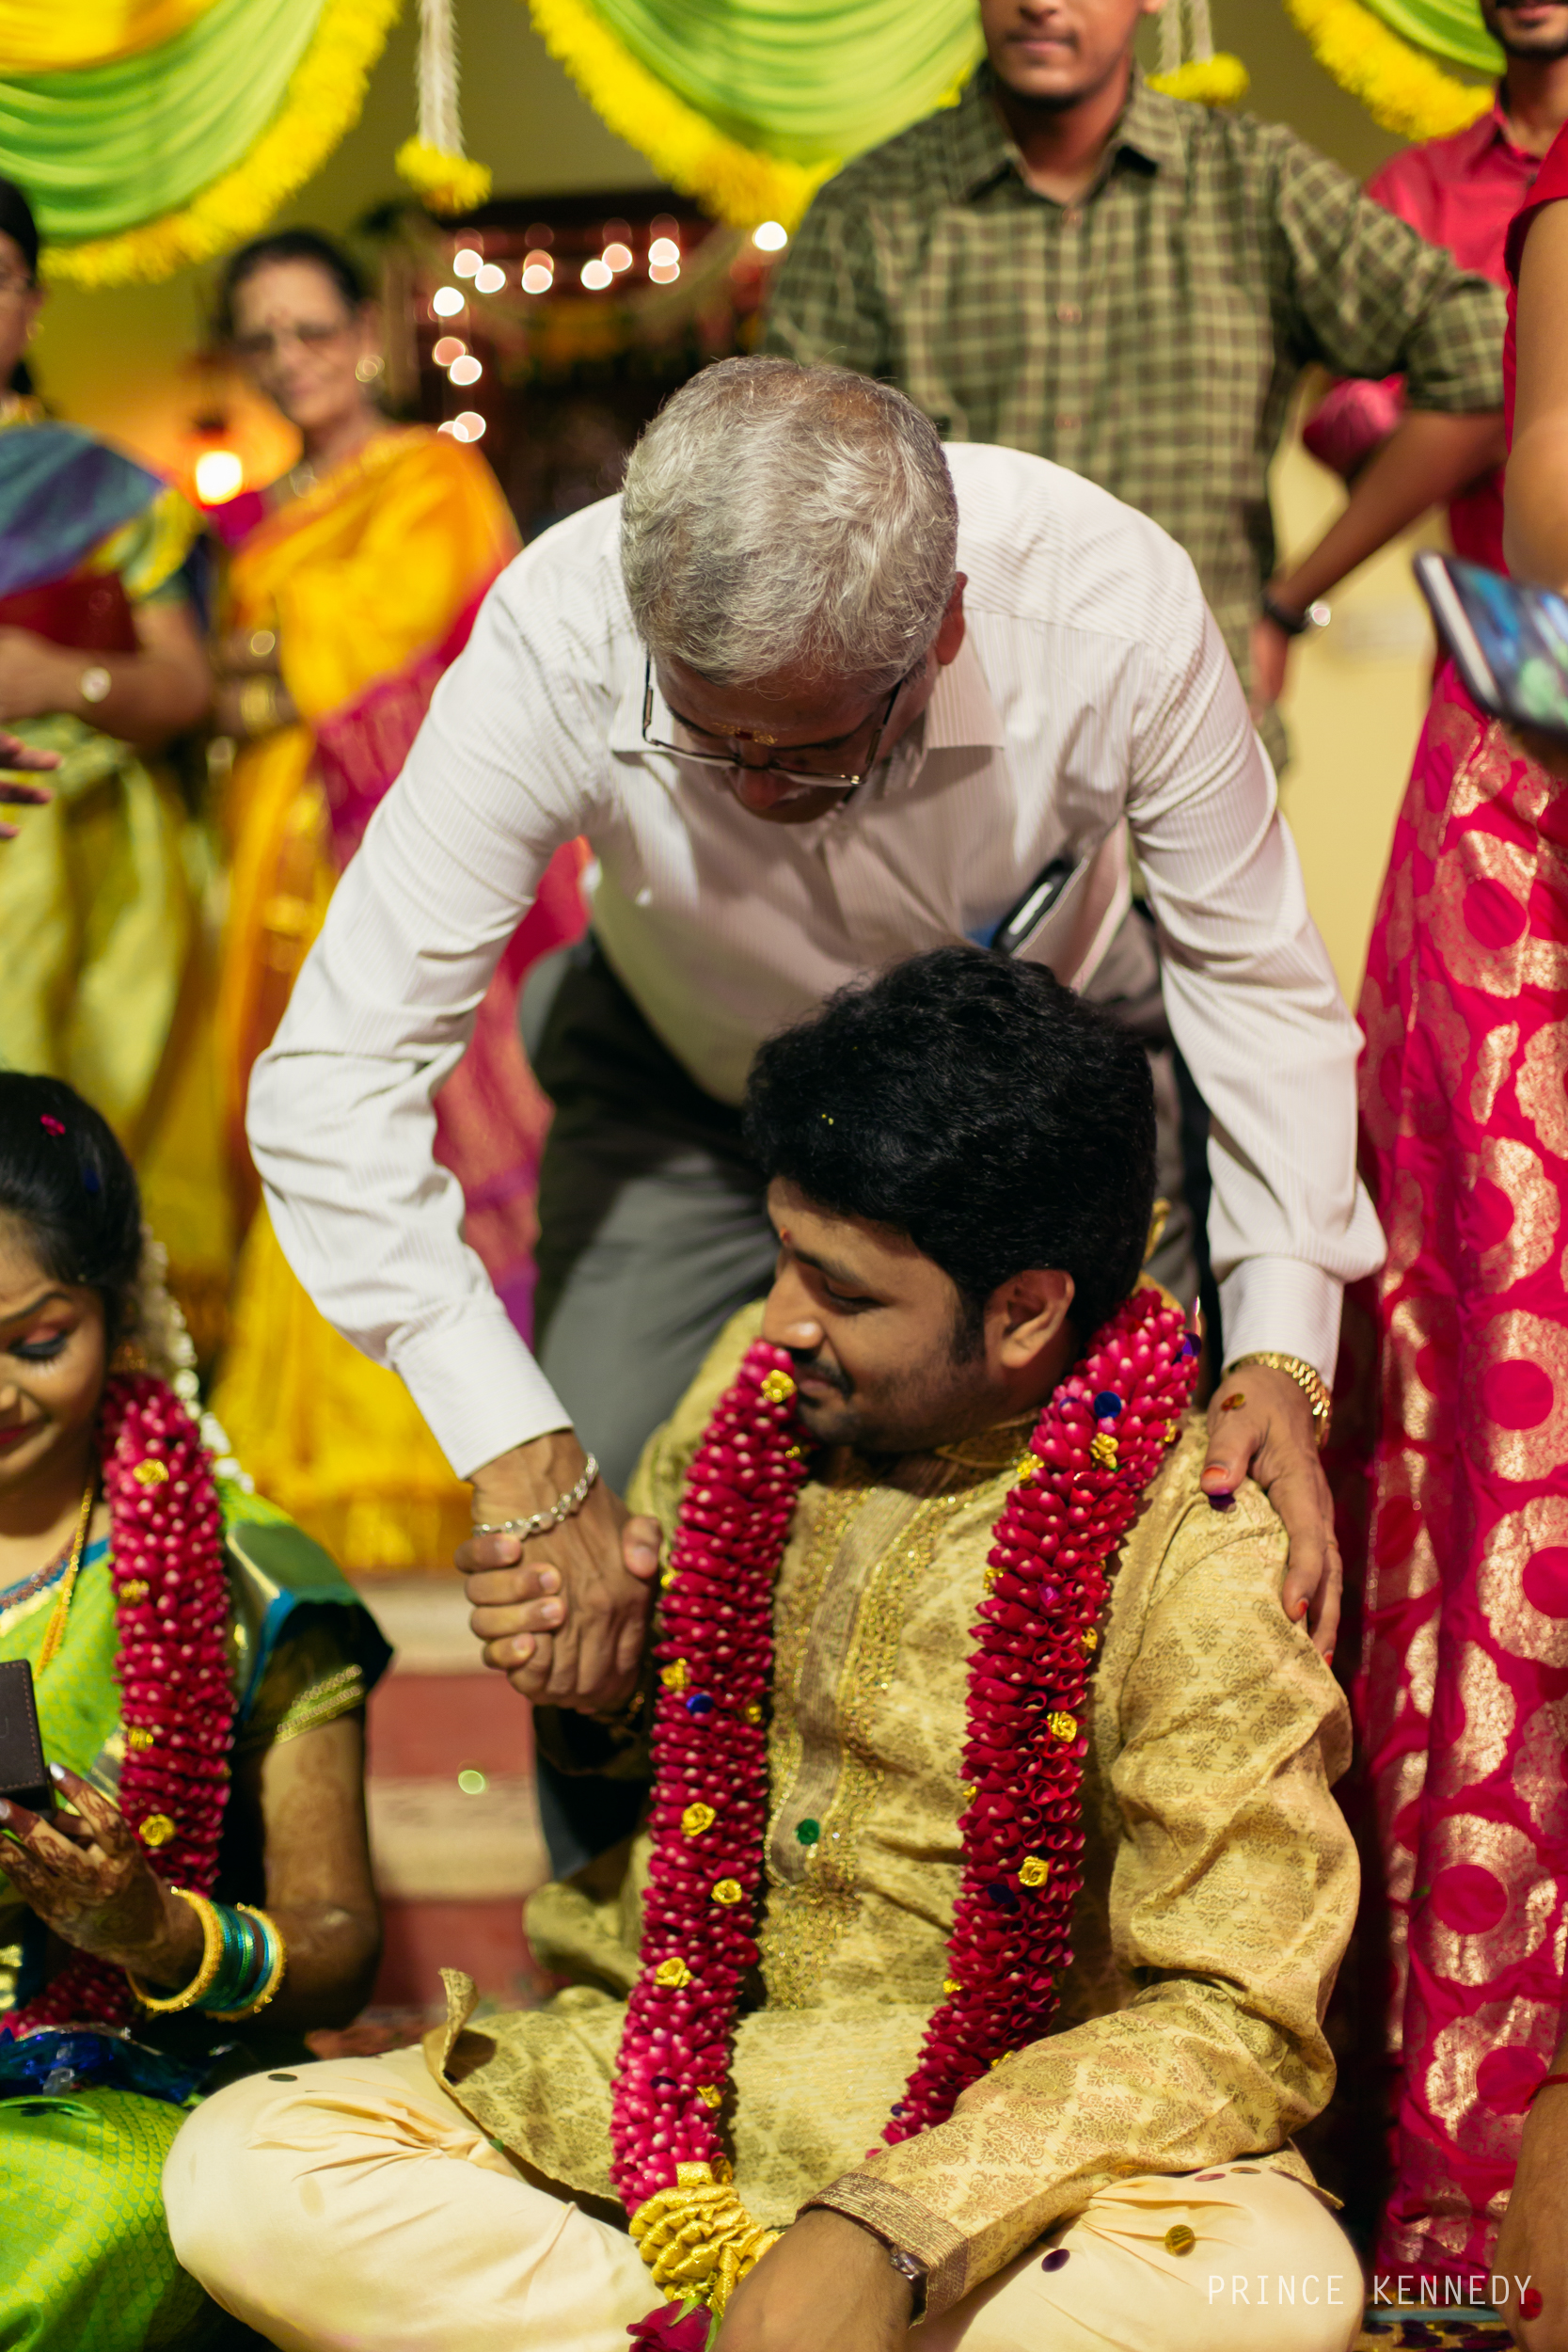 Engagement-Couple-Portrait-Portraiture-Wedding-Couple-Portrait-Chennai-Photographer-Candid-Photography-Destination-Best-Prince-Kennedy-Photography-257.jpg